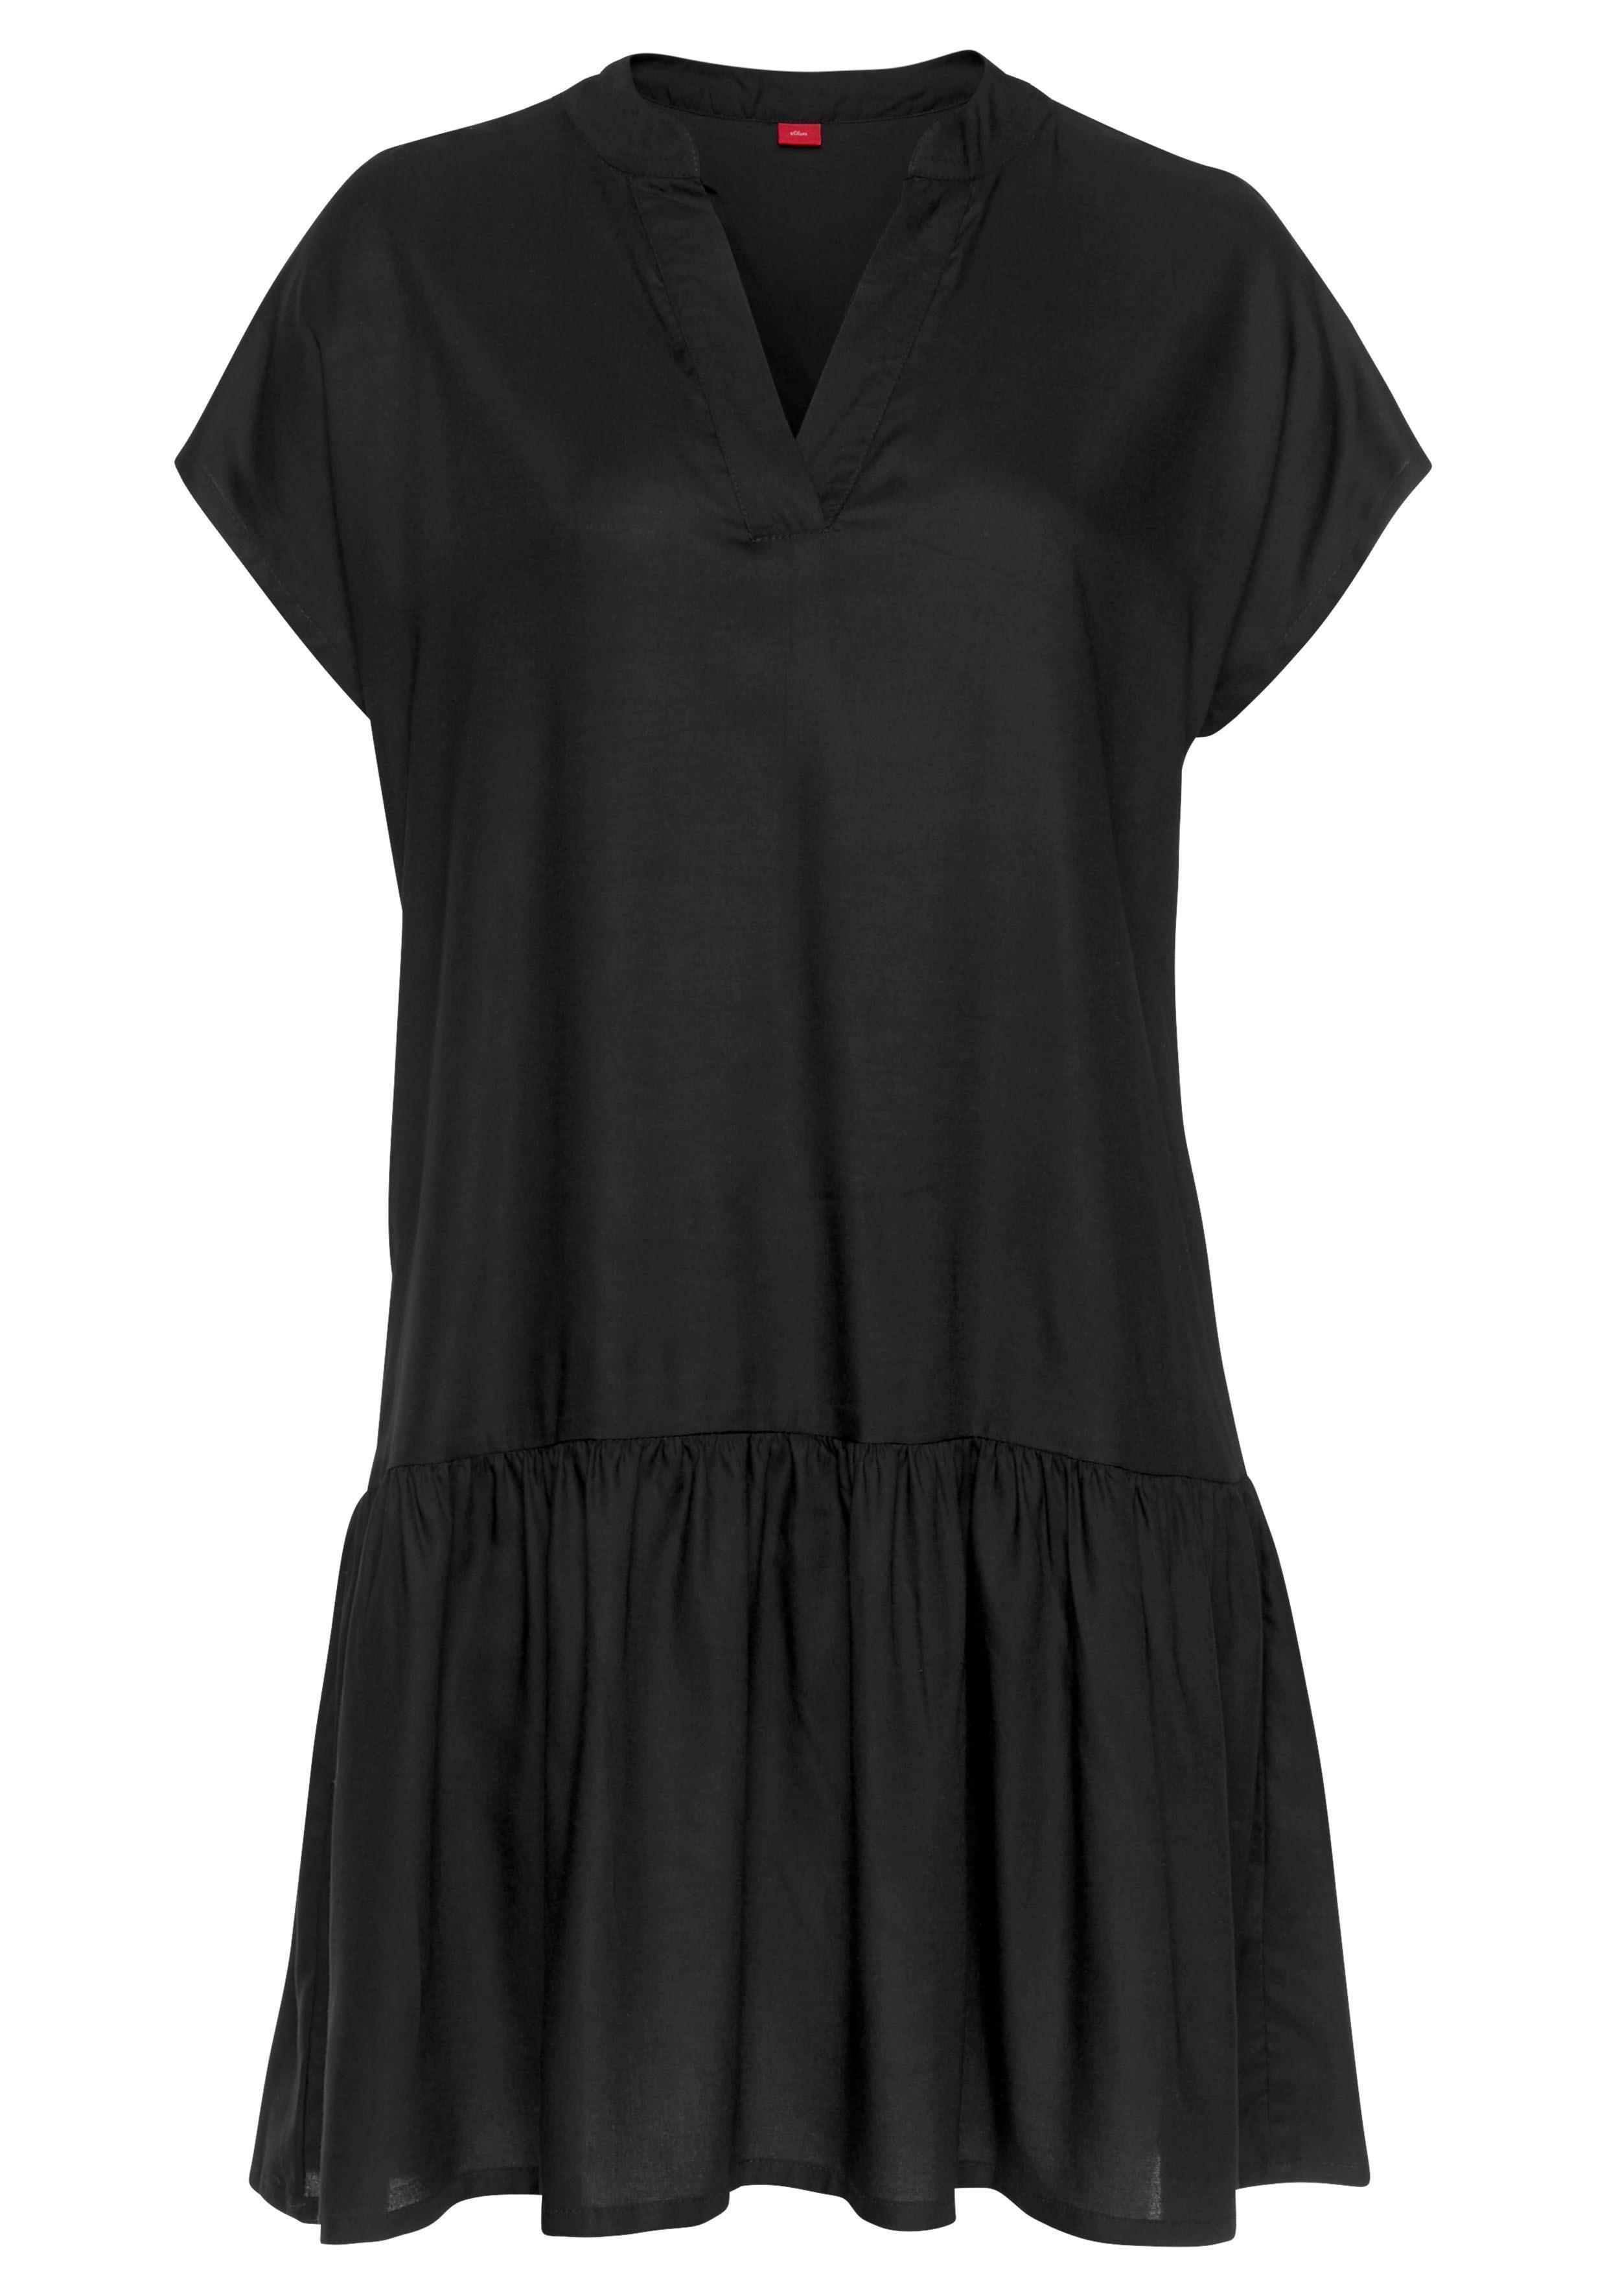 s.Oliver Beachwear blousejurkje nu online bestellen